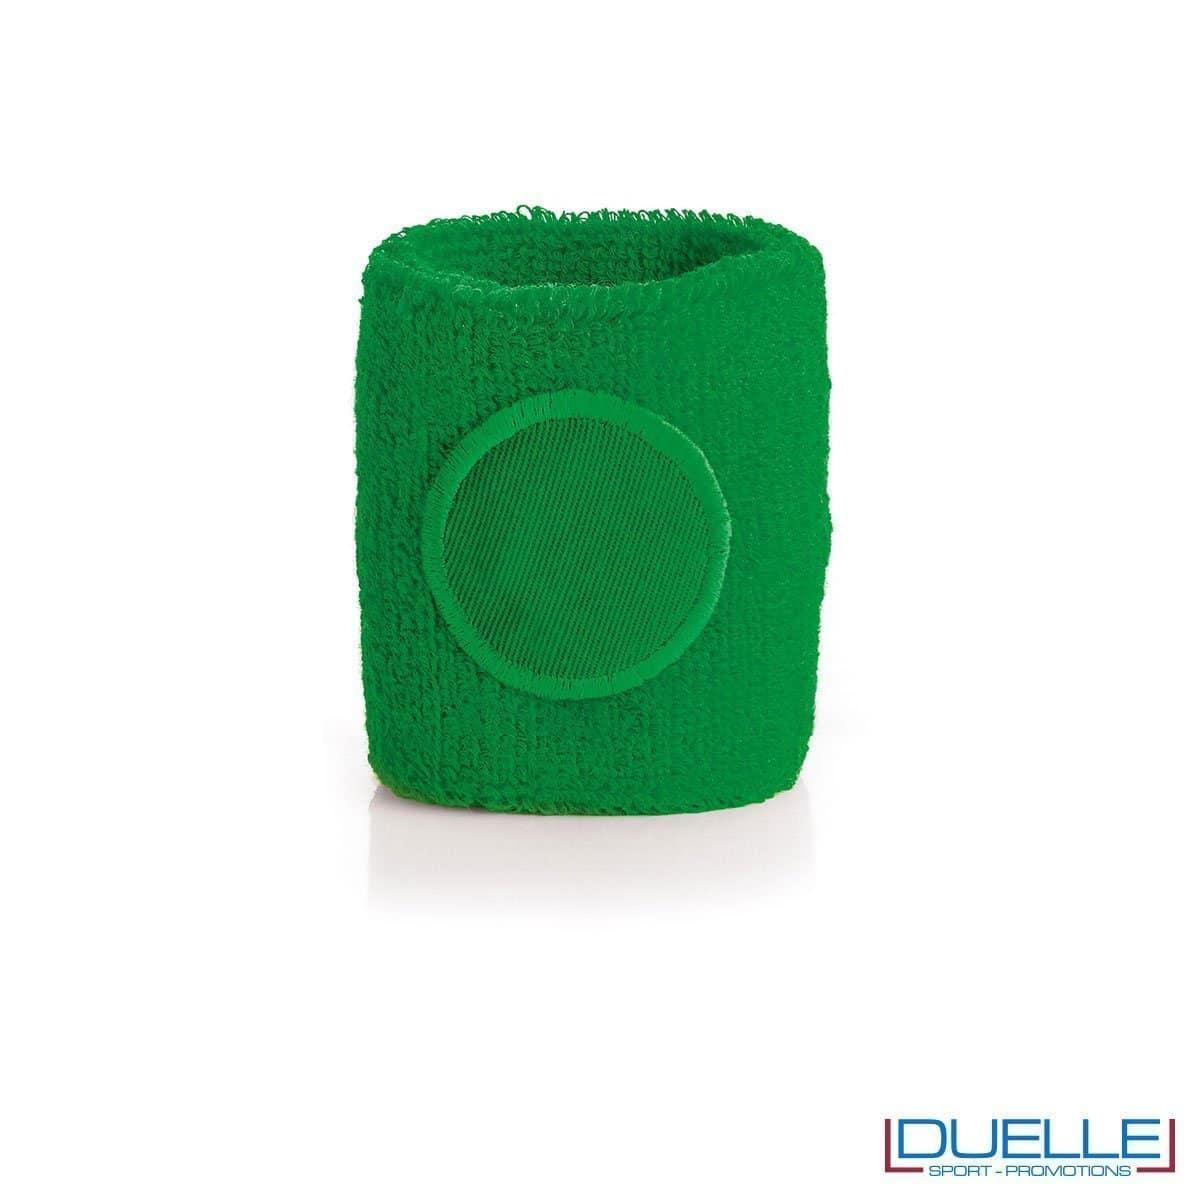 polsino tergisudore personalizzato in colore verde, gadget sportivi personalizzati